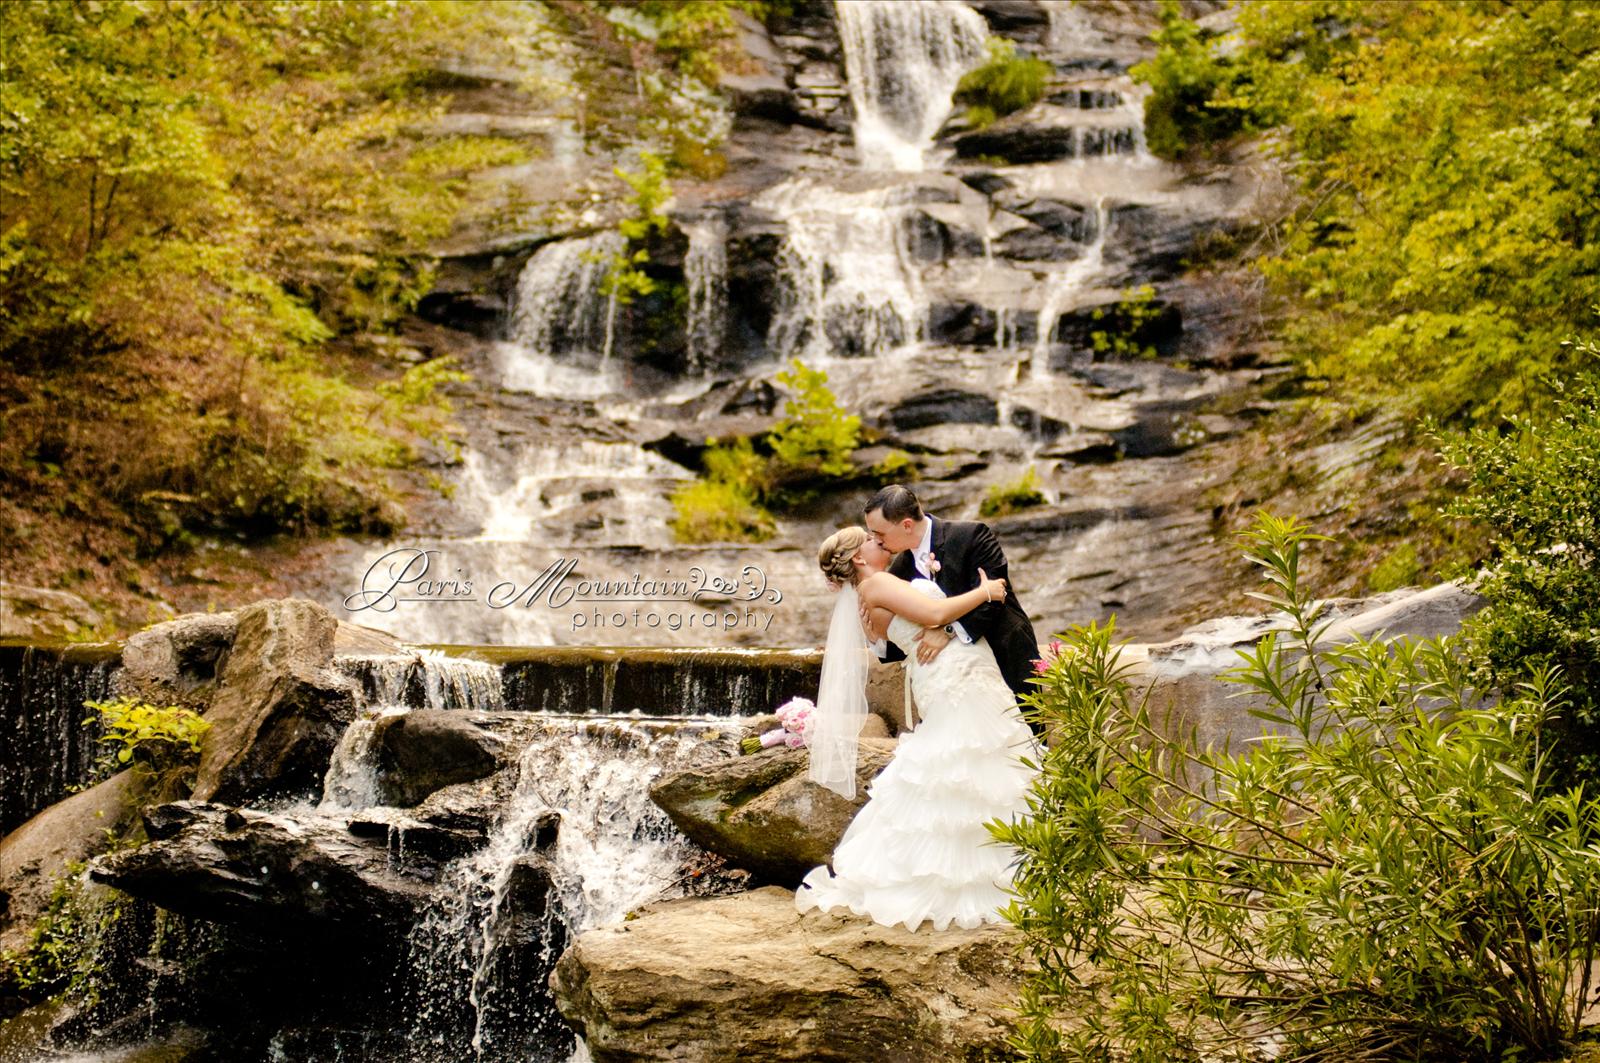 Hightower Falls image 4